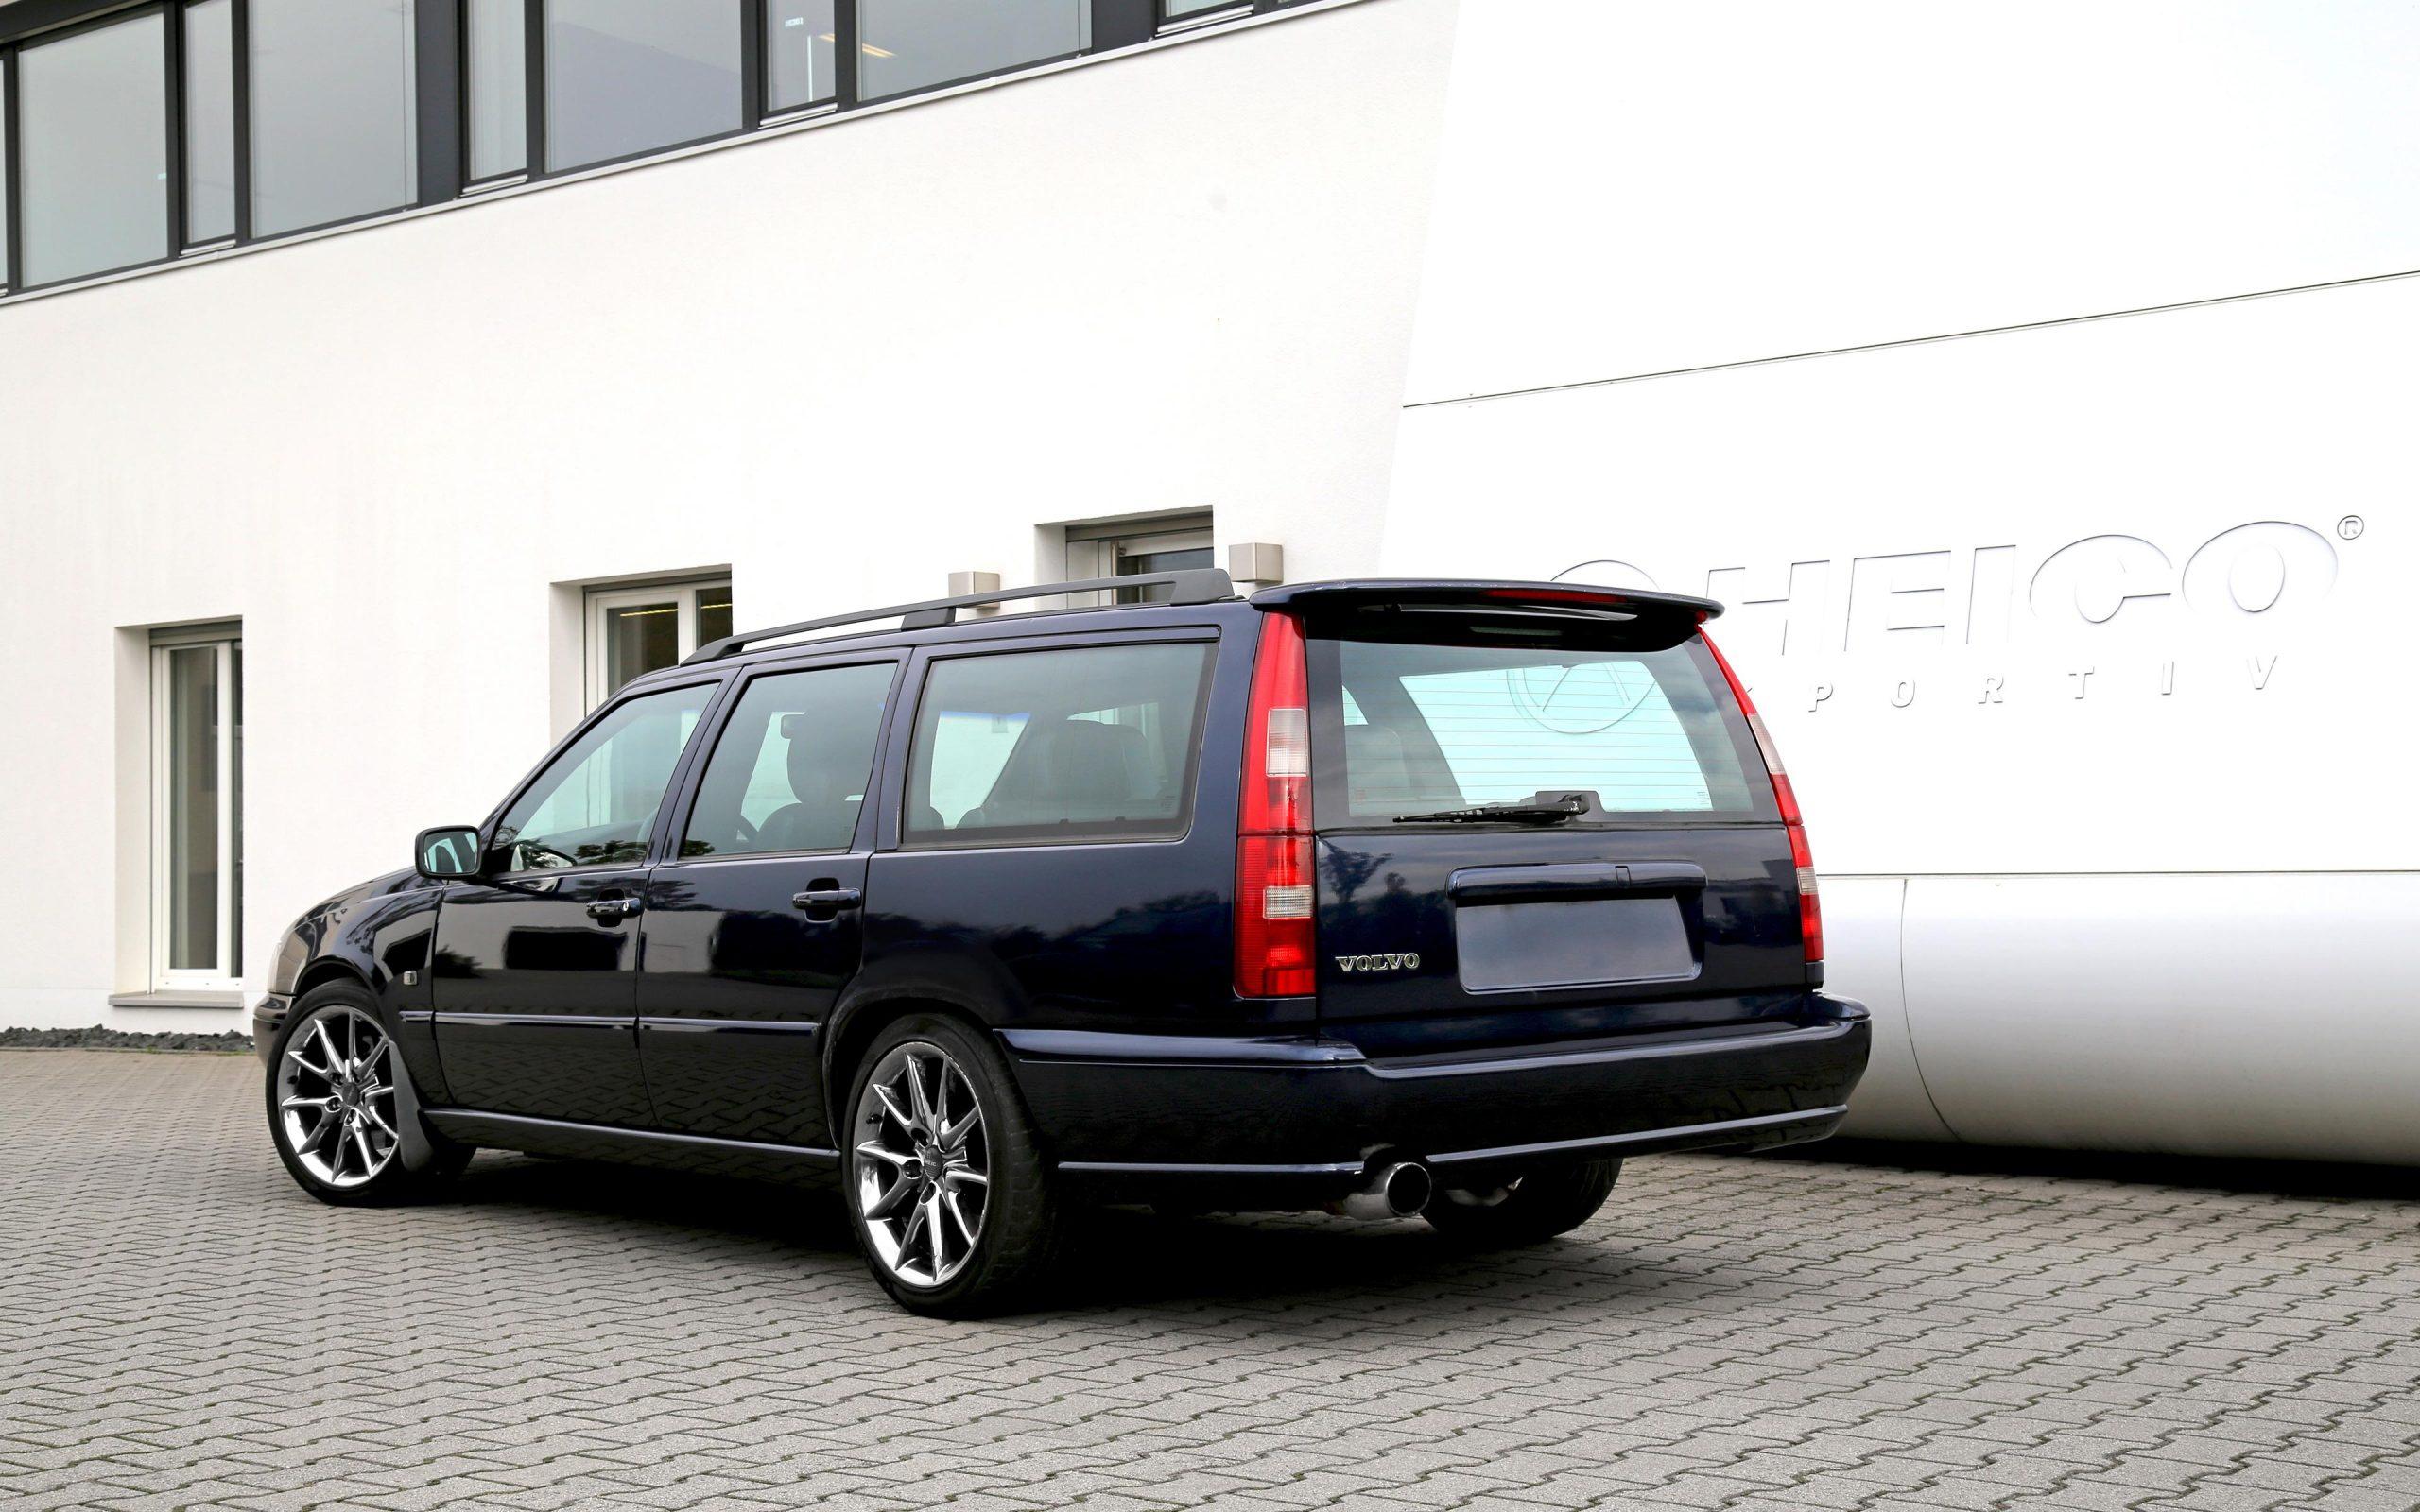 heico-sportiv-V70-edition-rear-1_0